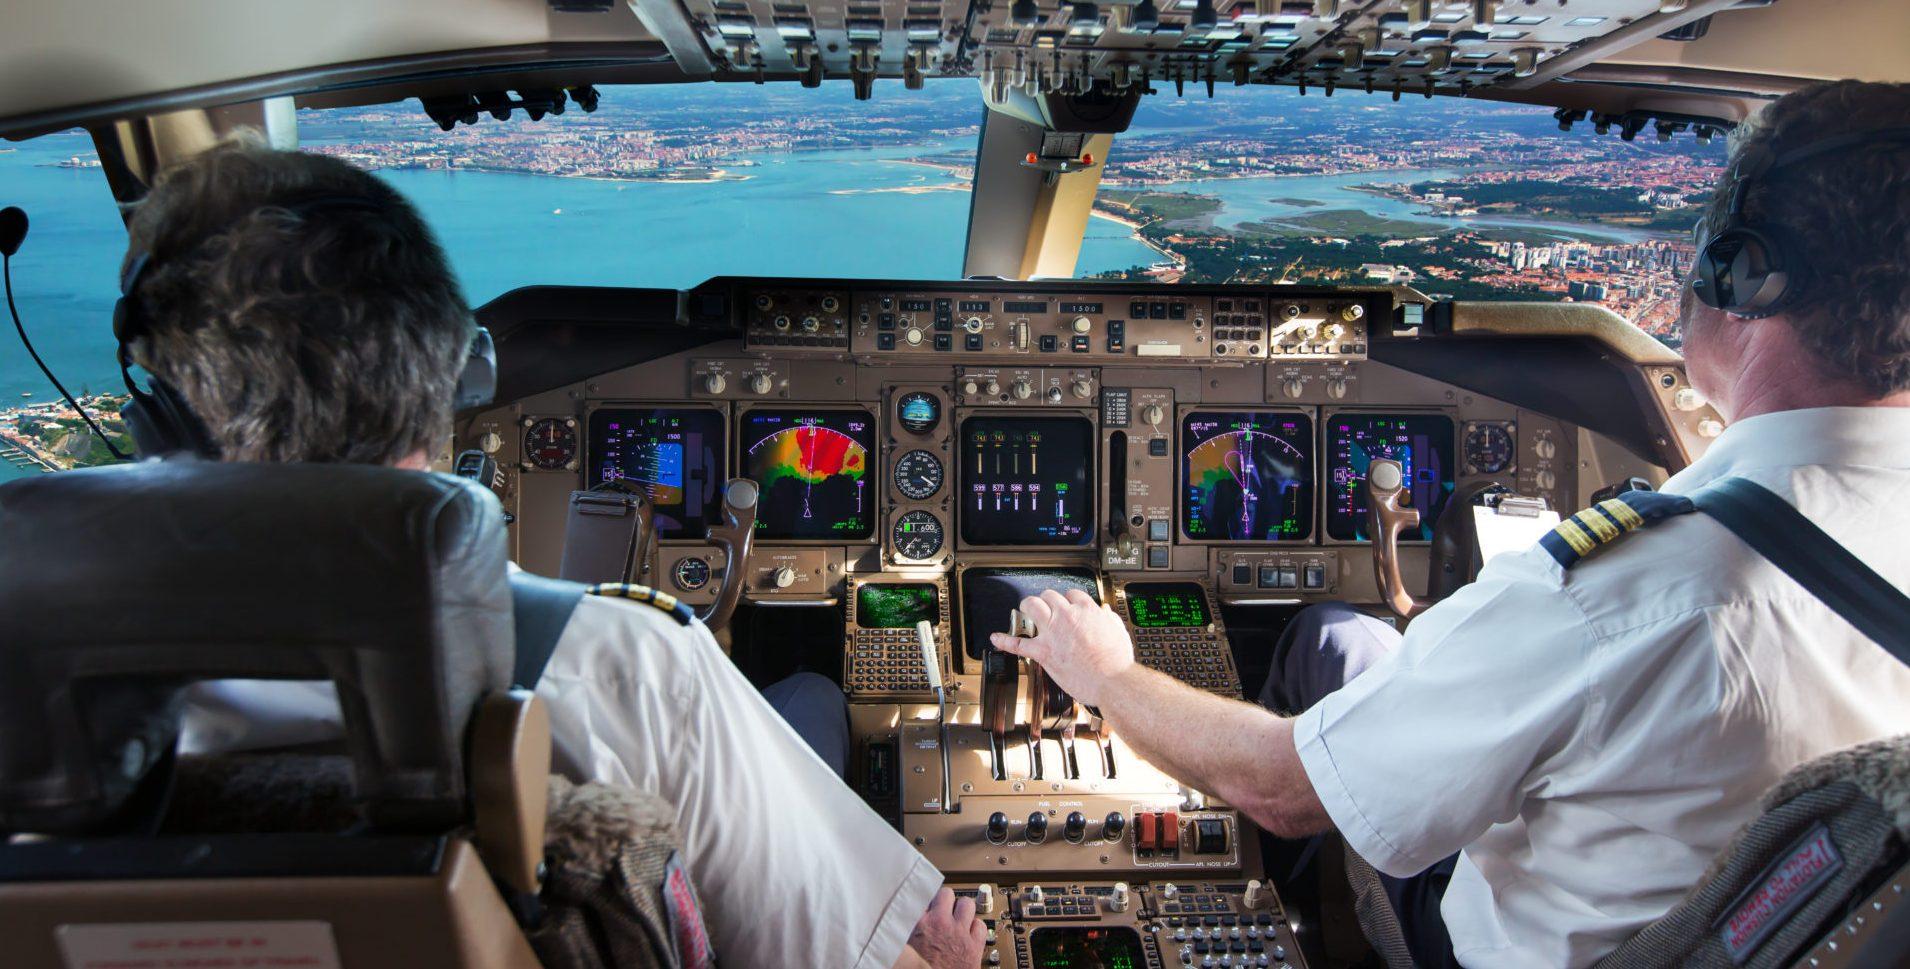 Italian pilot Instagram